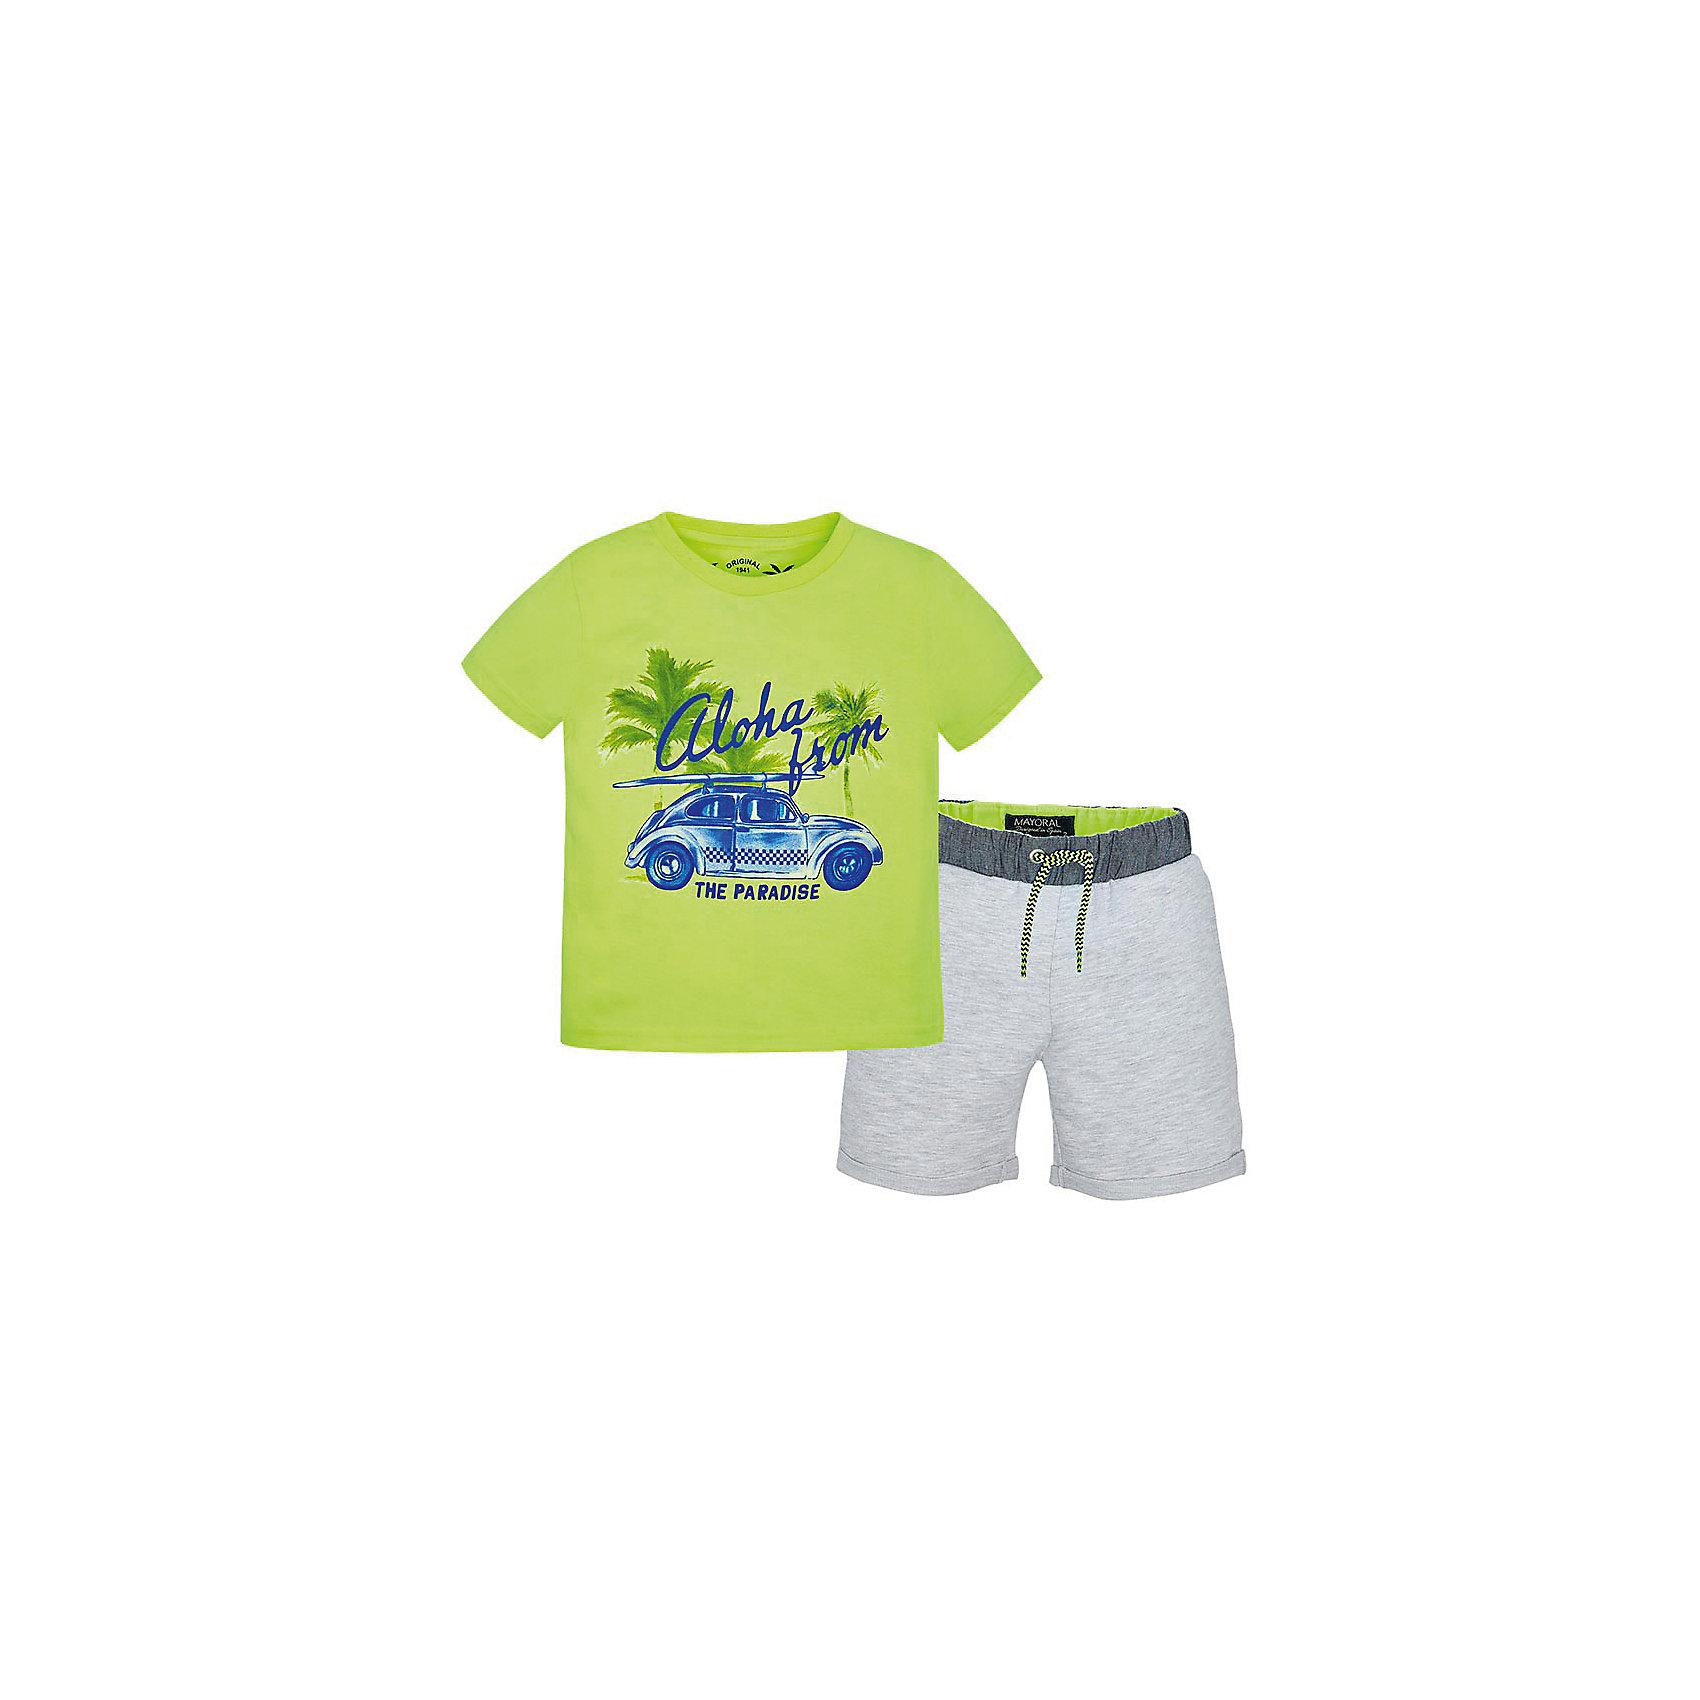 Комплект для мальчика: футболка и шорты MayoralКомплект: футболка и шорты для мальчика от известной испанской марки Mayoral <br><br>Модная футболка с шортами от Mayoral особенно актуальны в теплое время года! Она прекрасно сочетаются и с другими вещами.  Модель выполнена из качественных материалов, отлично сидит по фигуре.<br><br>Особенности модели:<br><br>- цвет: серый, зеленый;<br>- принт;<br>- шорты - на резинке и шнурке;<br>- натуральный материал.<br><br>Дополнительная информация:<br><br>Состав: 100% хлопок<br><br>Комплект: футболка и шорты для мальчика Mayoral (Майорал) можно купить в нашем магазине.<br><br>Ширина мм: 199<br>Глубина мм: 10<br>Высота мм: 161<br>Вес г: 151<br>Цвет: белый<br>Возраст от месяцев: 84<br>Возраст до месяцев: 96<br>Пол: Мужской<br>Возраст: Детский<br>Размер: 128,122,110,98,104,134,116,92<br>SKU: 4542731